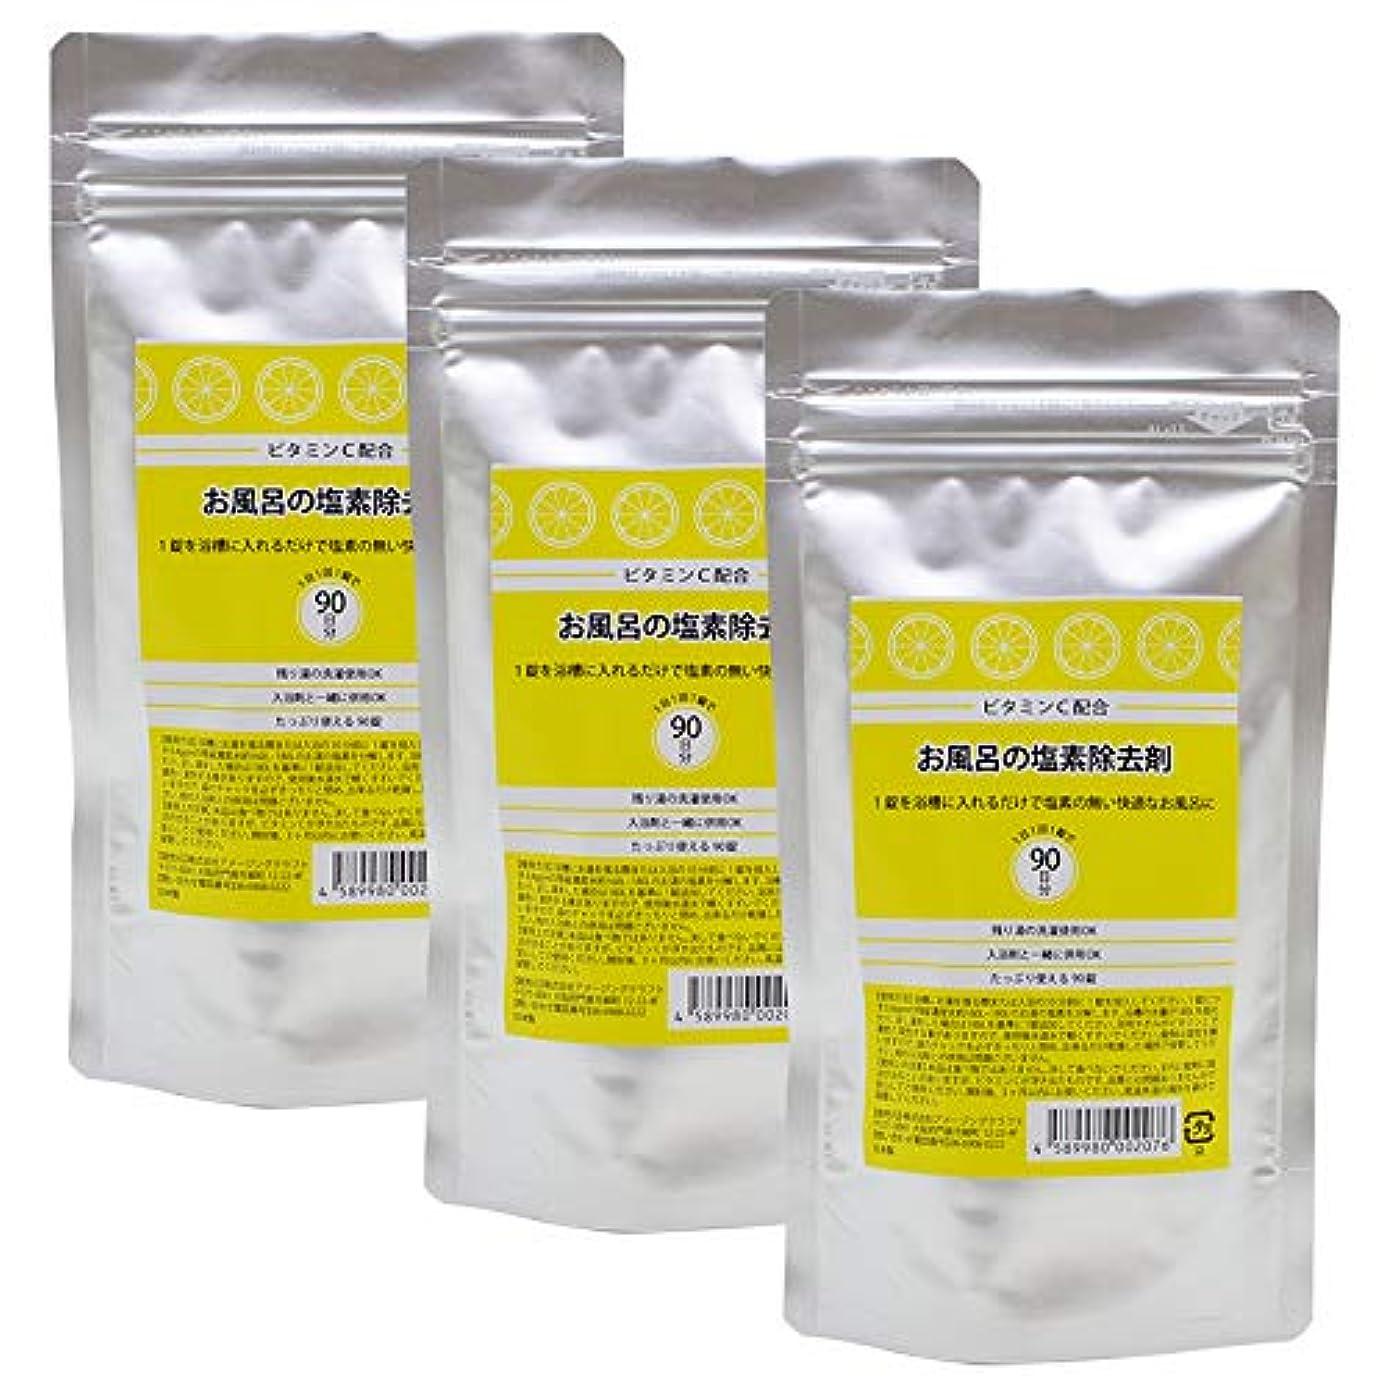 ビタミンC配合 お風呂の塩素除去剤 錠剤タイプ 90錠 3個セット 浴槽用脱塩素剤